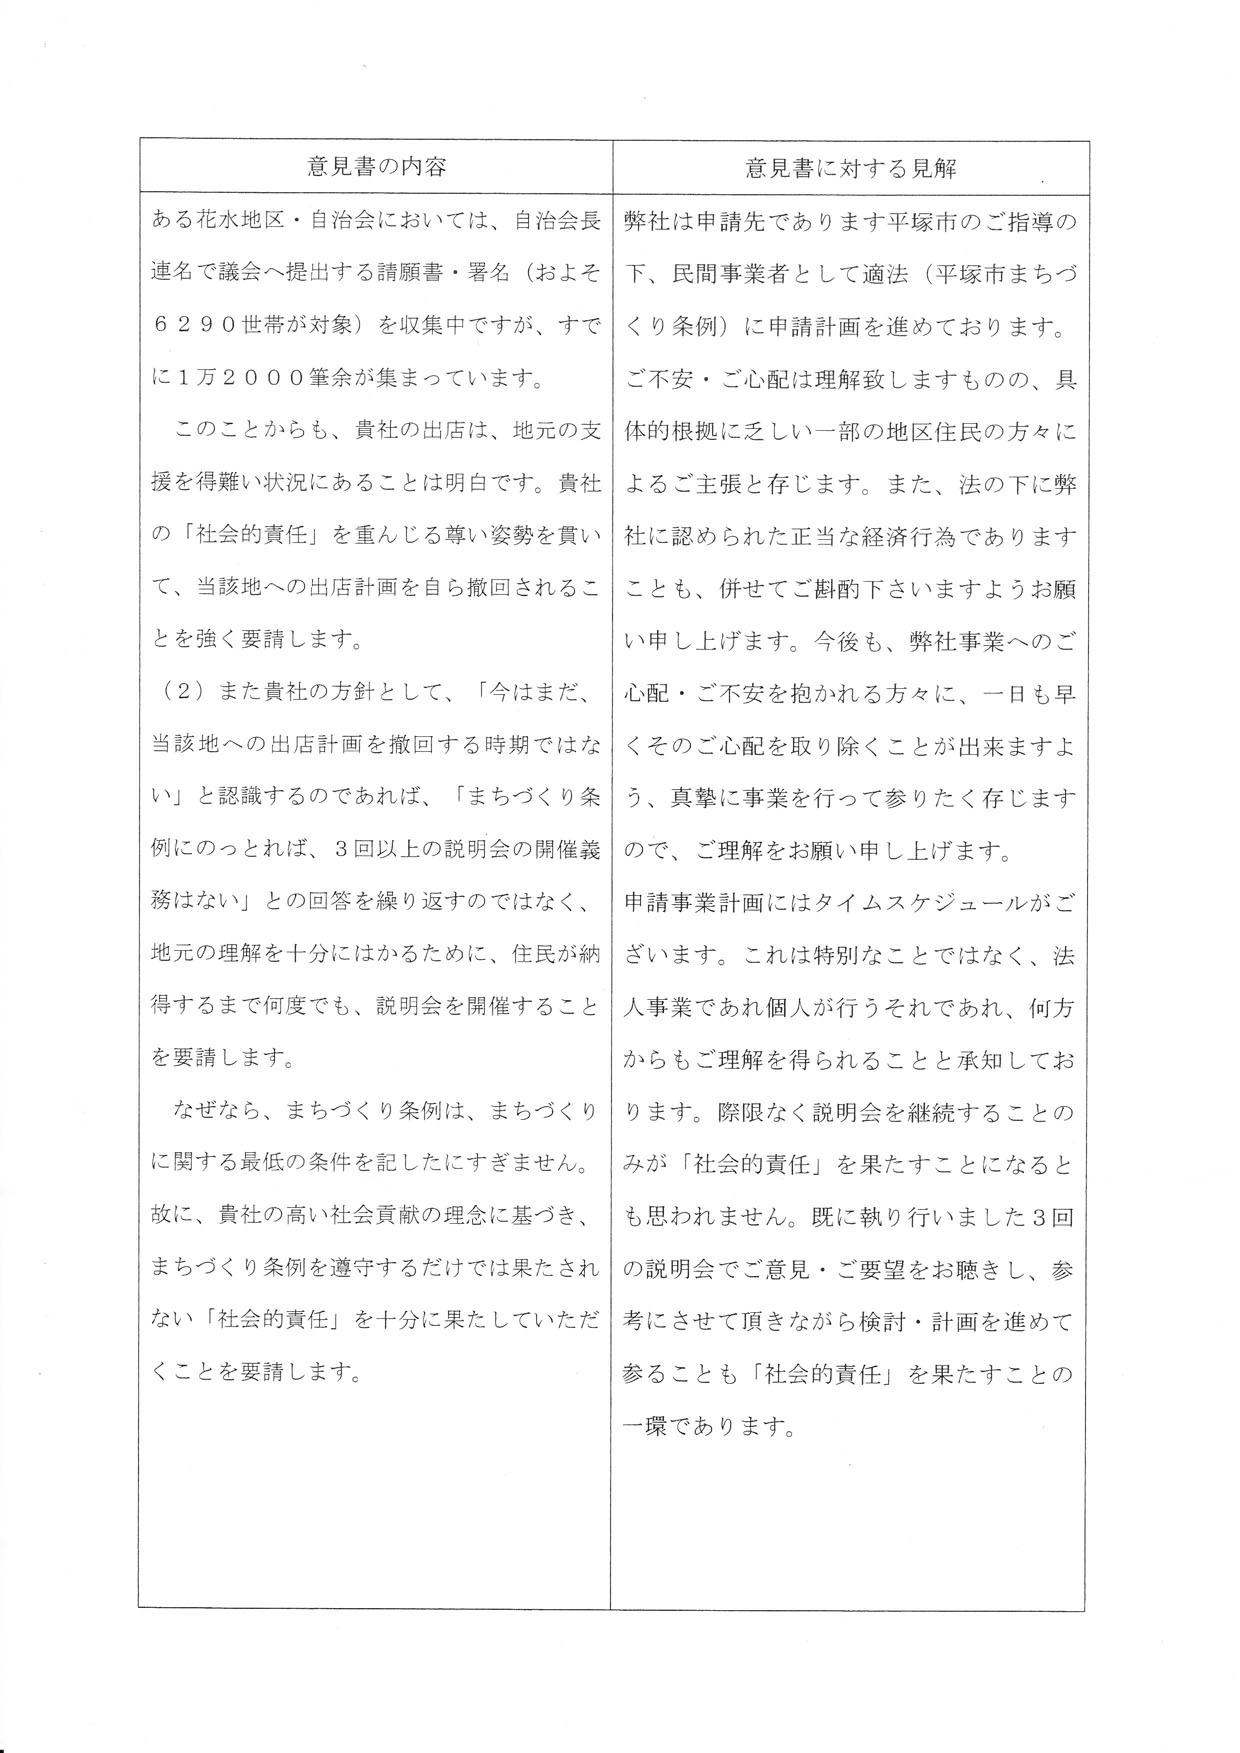 =2009/7/20= 花水・浜岳学区以外の市民にも見解書がくる_d0034430_1553321.jpg